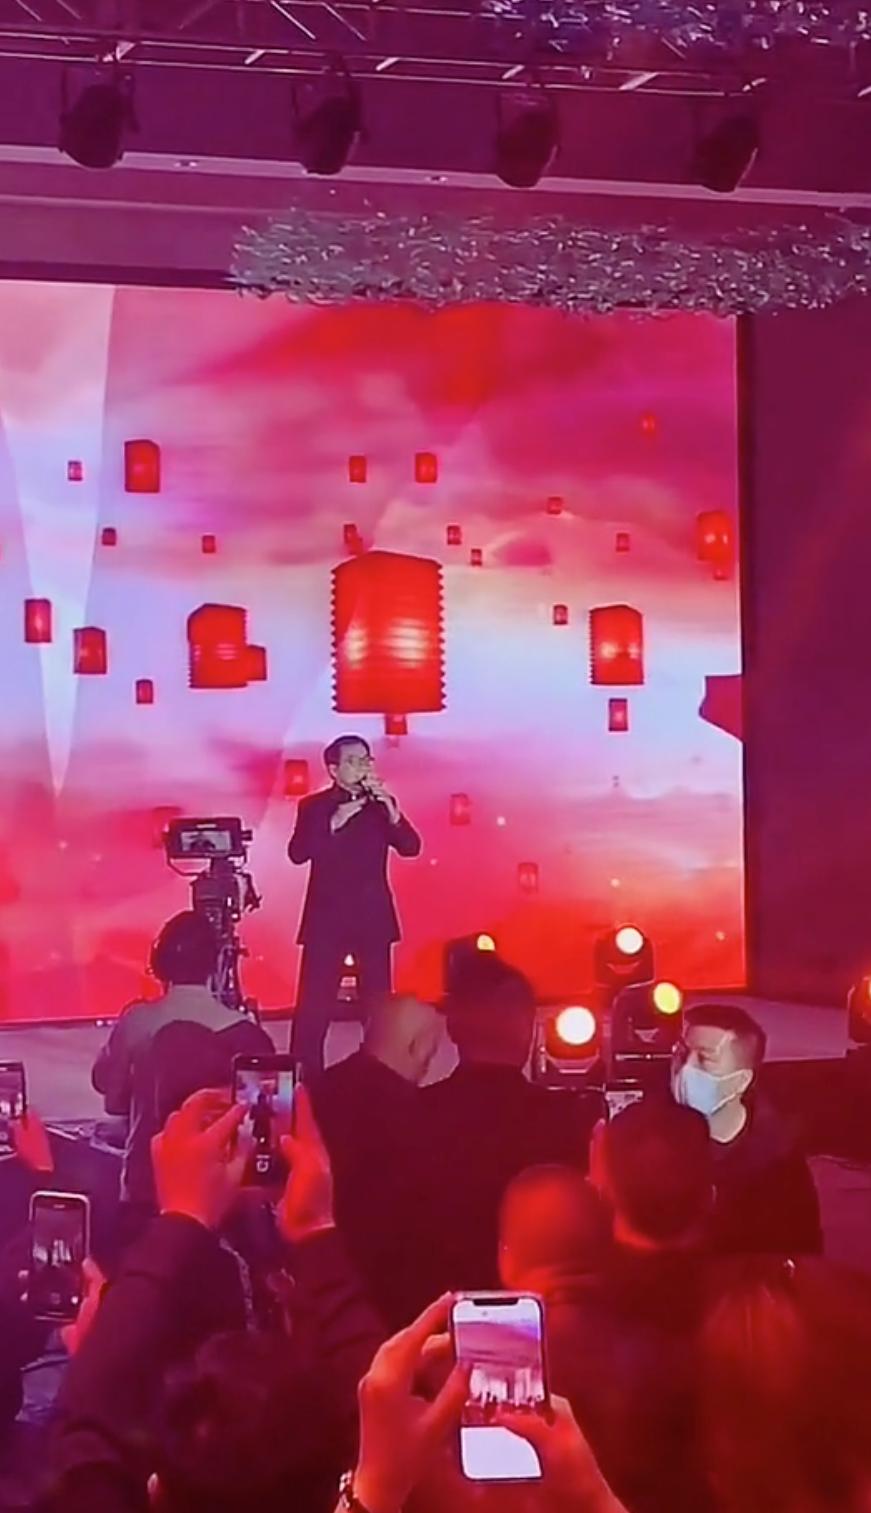 成龍在台上唱歌,台下的觀眾只顧著用手機錄影。(翻攝自網路)